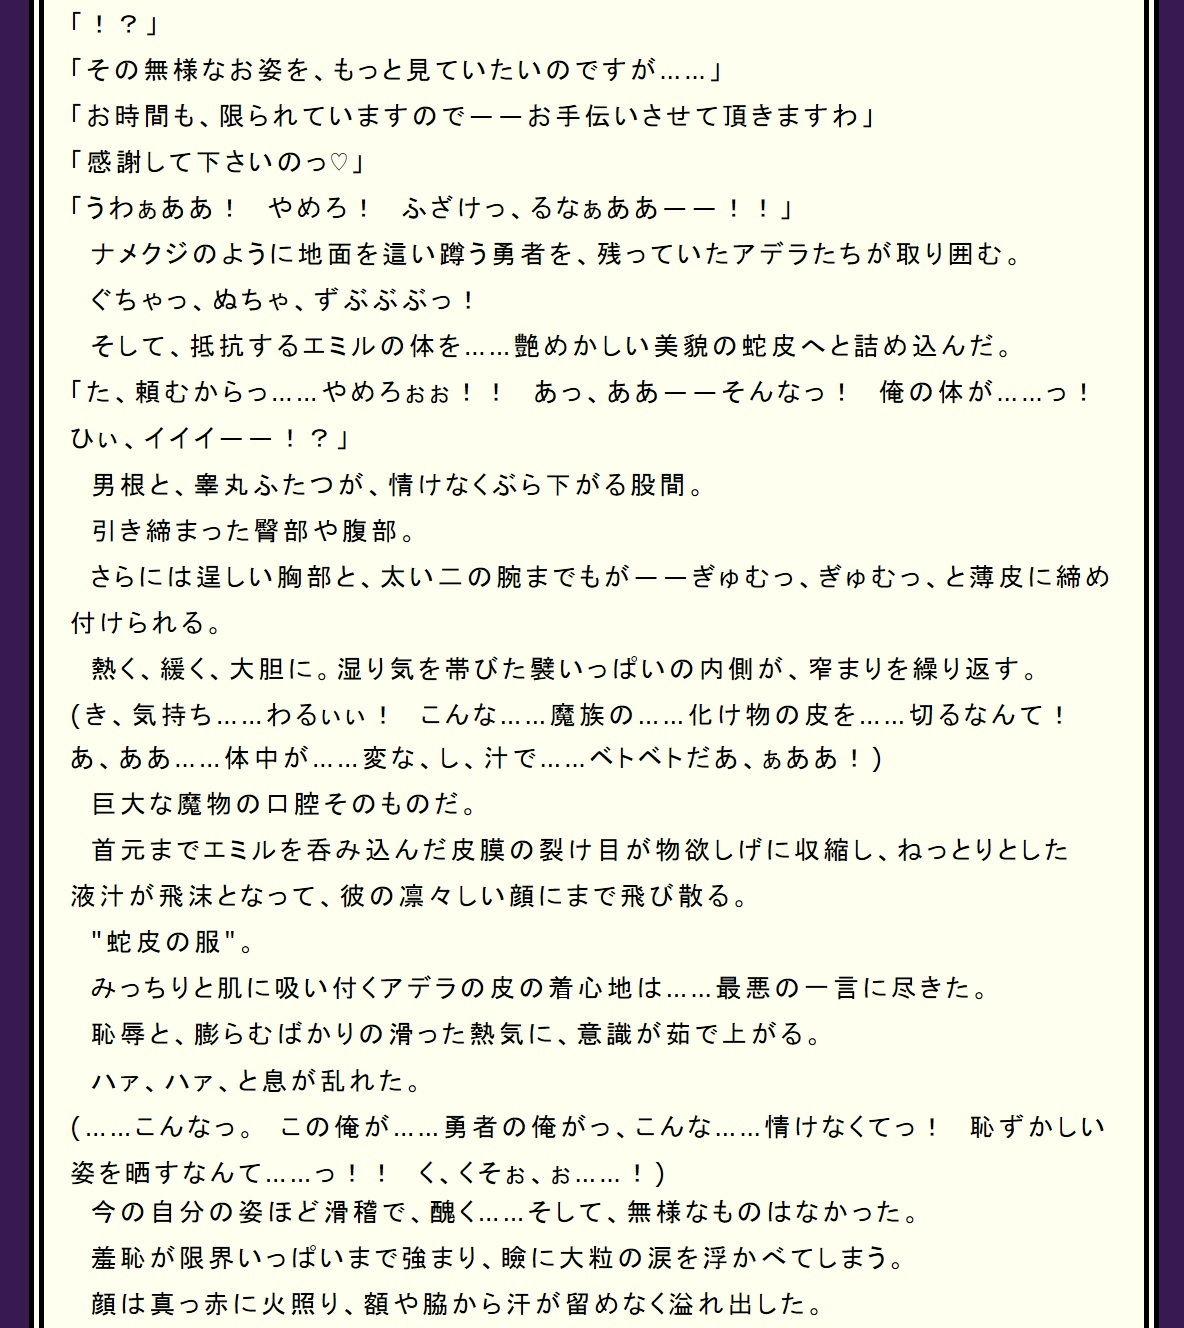 我ら魔王軍〜モン娘たちの強襲〜